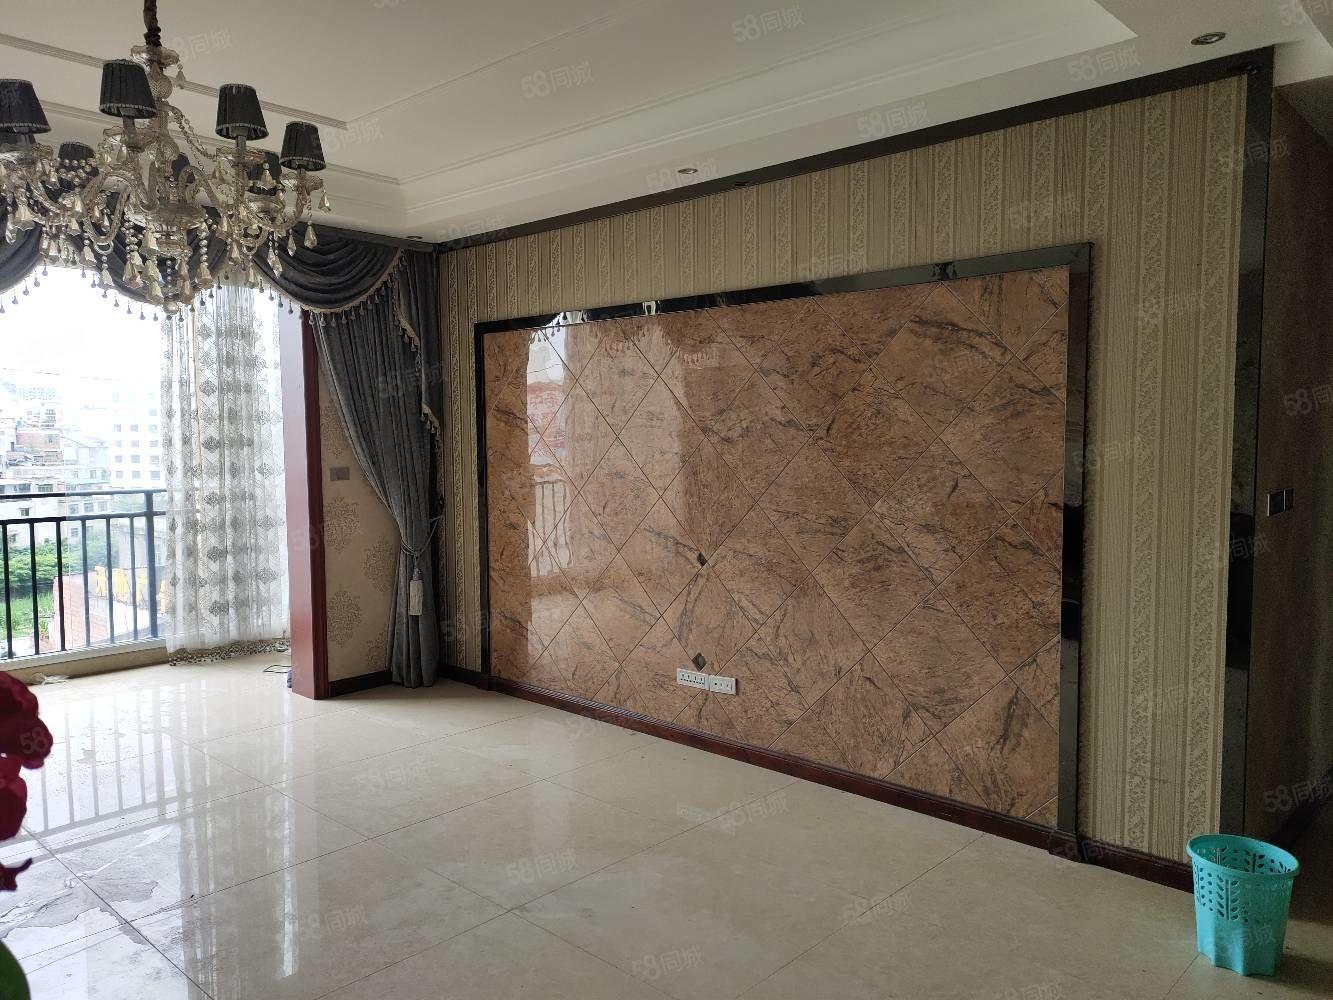 福临国际套房出售,三室两厅两卫,装修请看图,采光好,交通方便